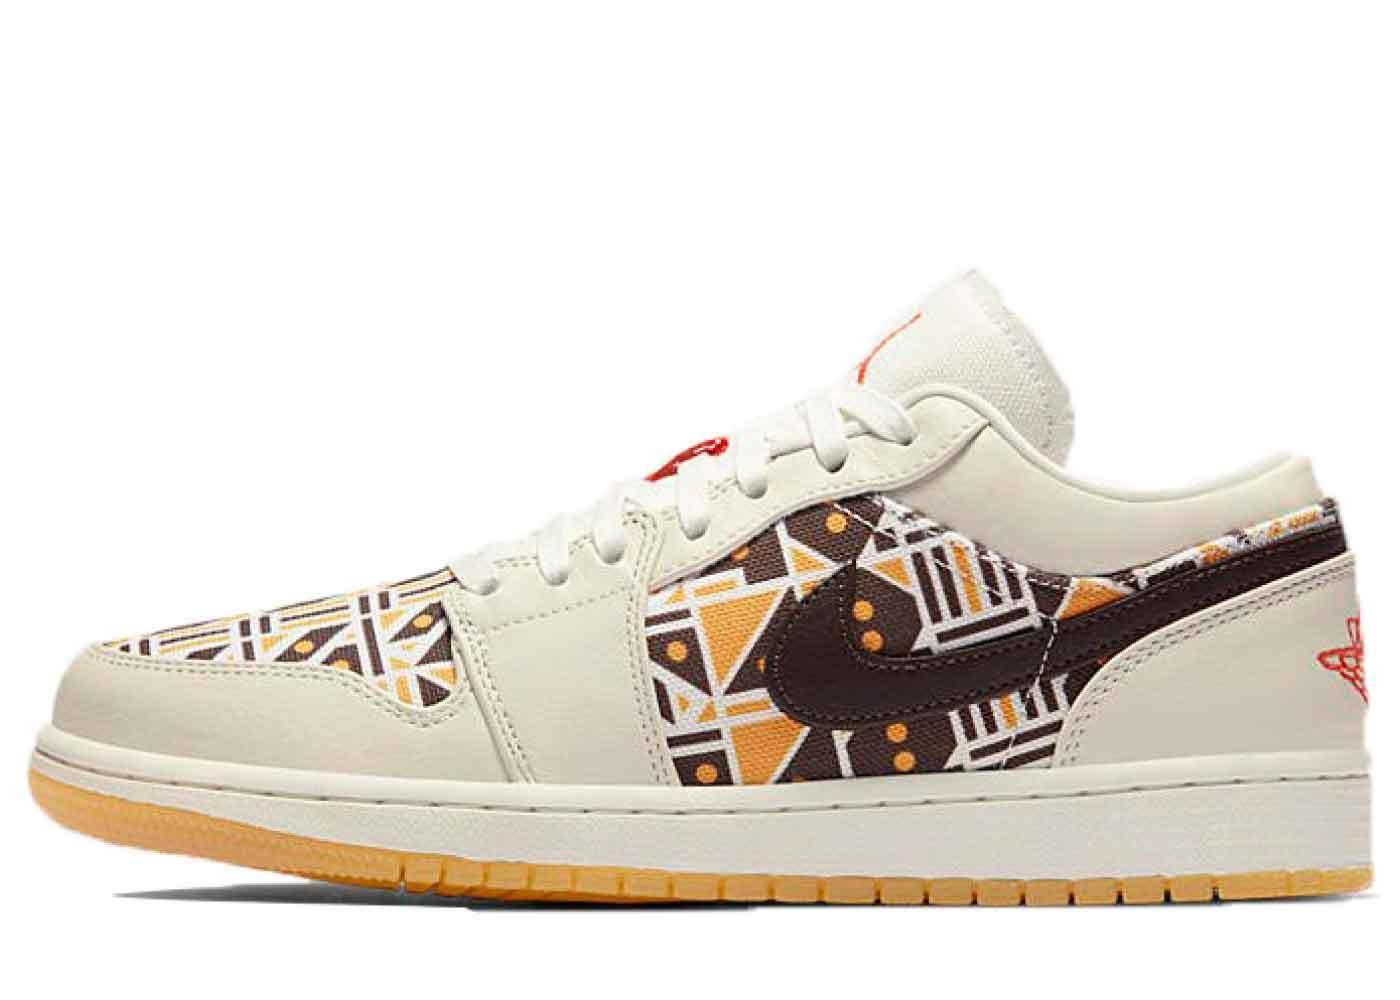 Nike Air Jordan 1 Low Quai 54の写真